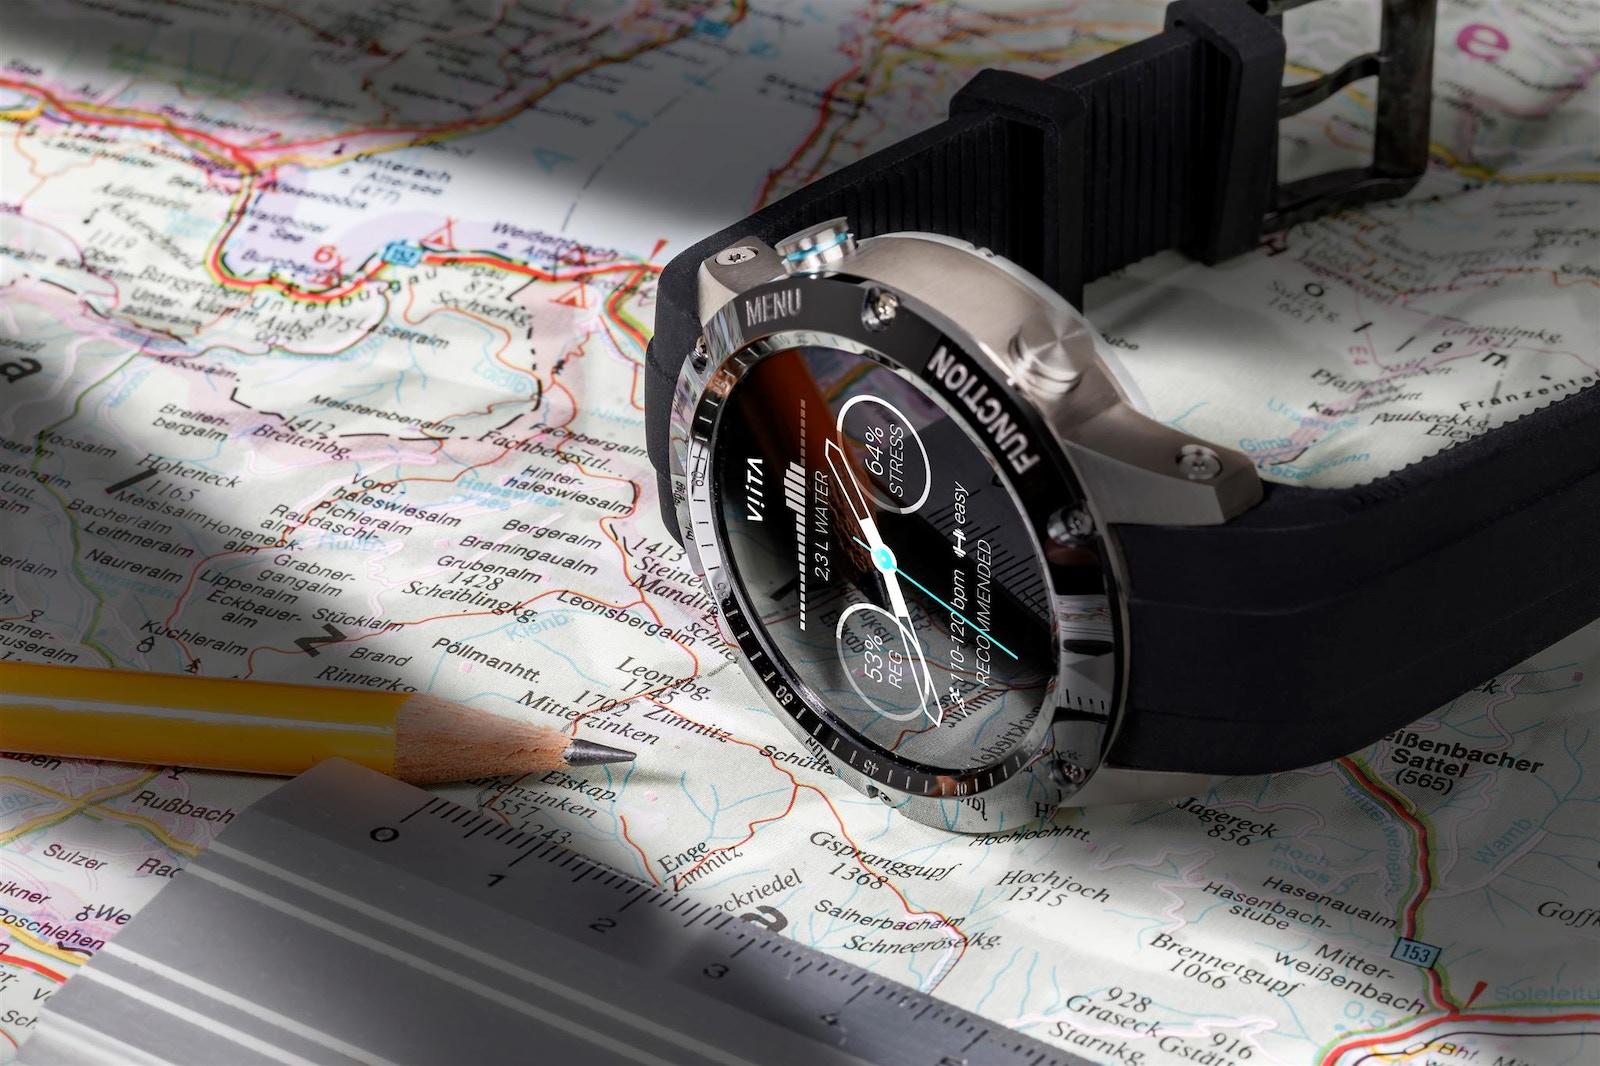 VIITA TITAN HRV - Redefining Smartwatches